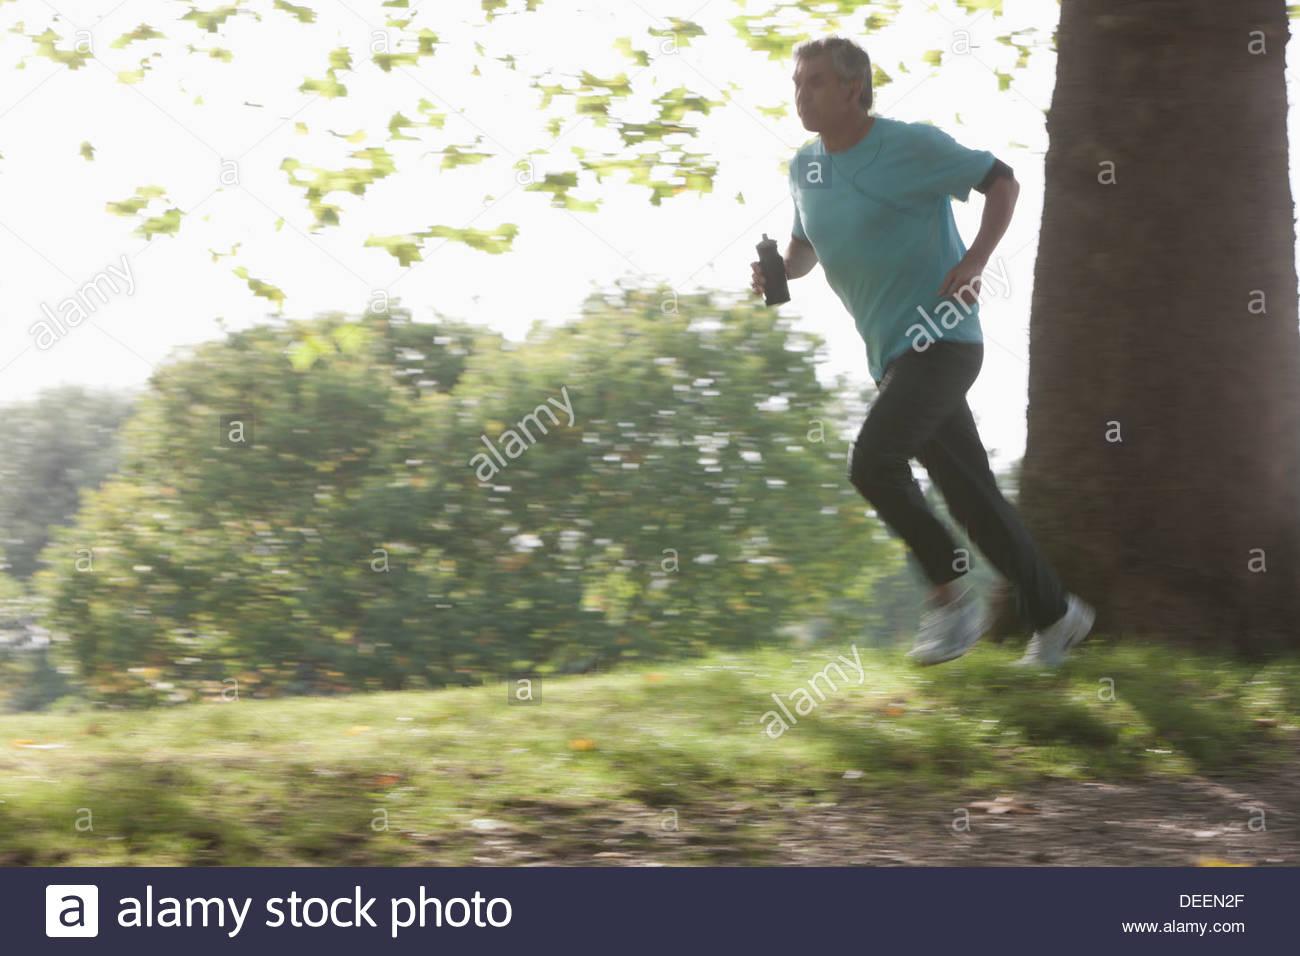 Determina el hombre corriendo en exteriores Imagen De Stock